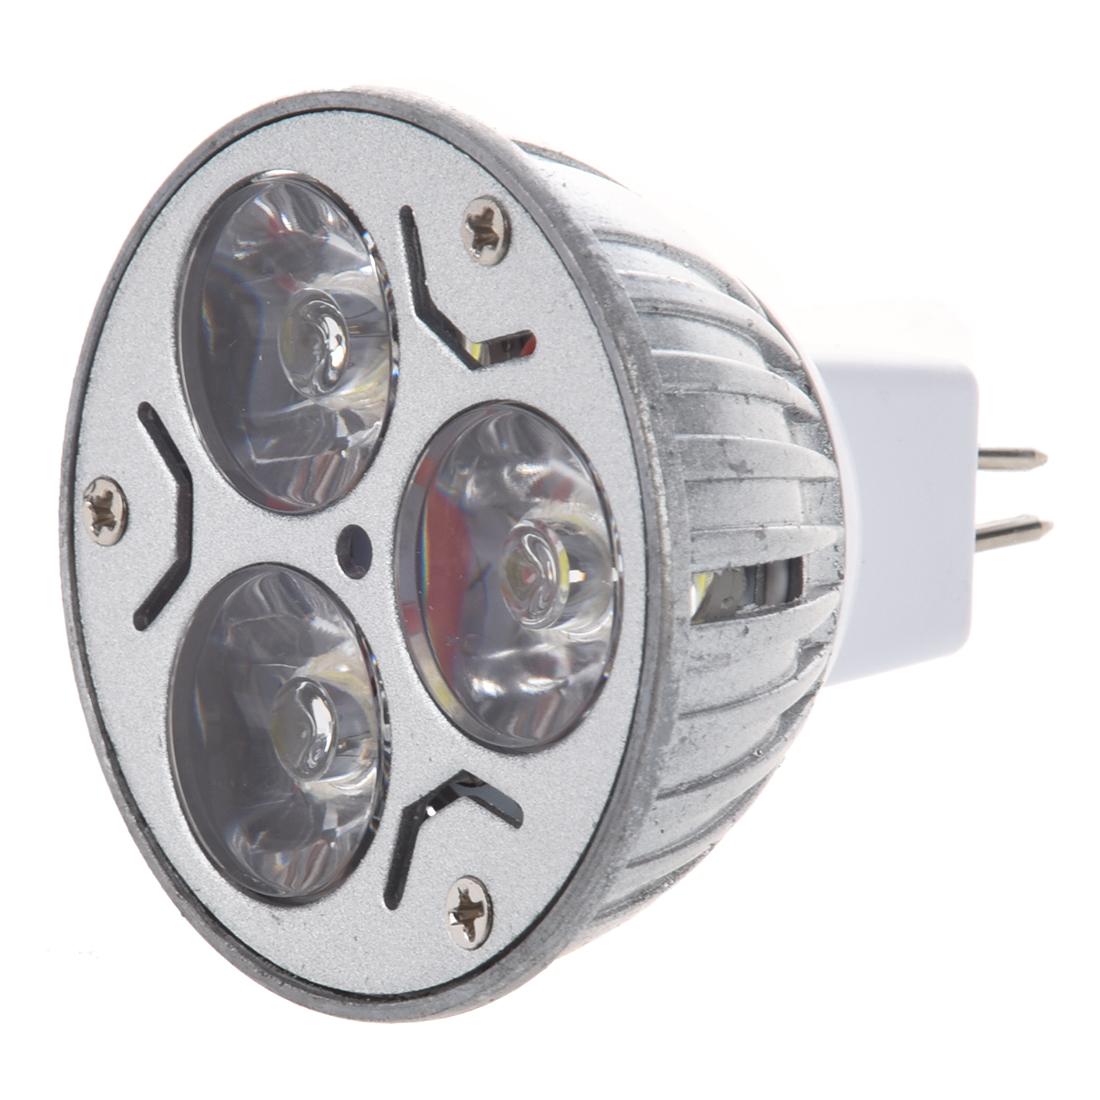 Mr16 Led Wattage: MR16 3x1 Watt LED Spot Light Bulb 20W White For Track